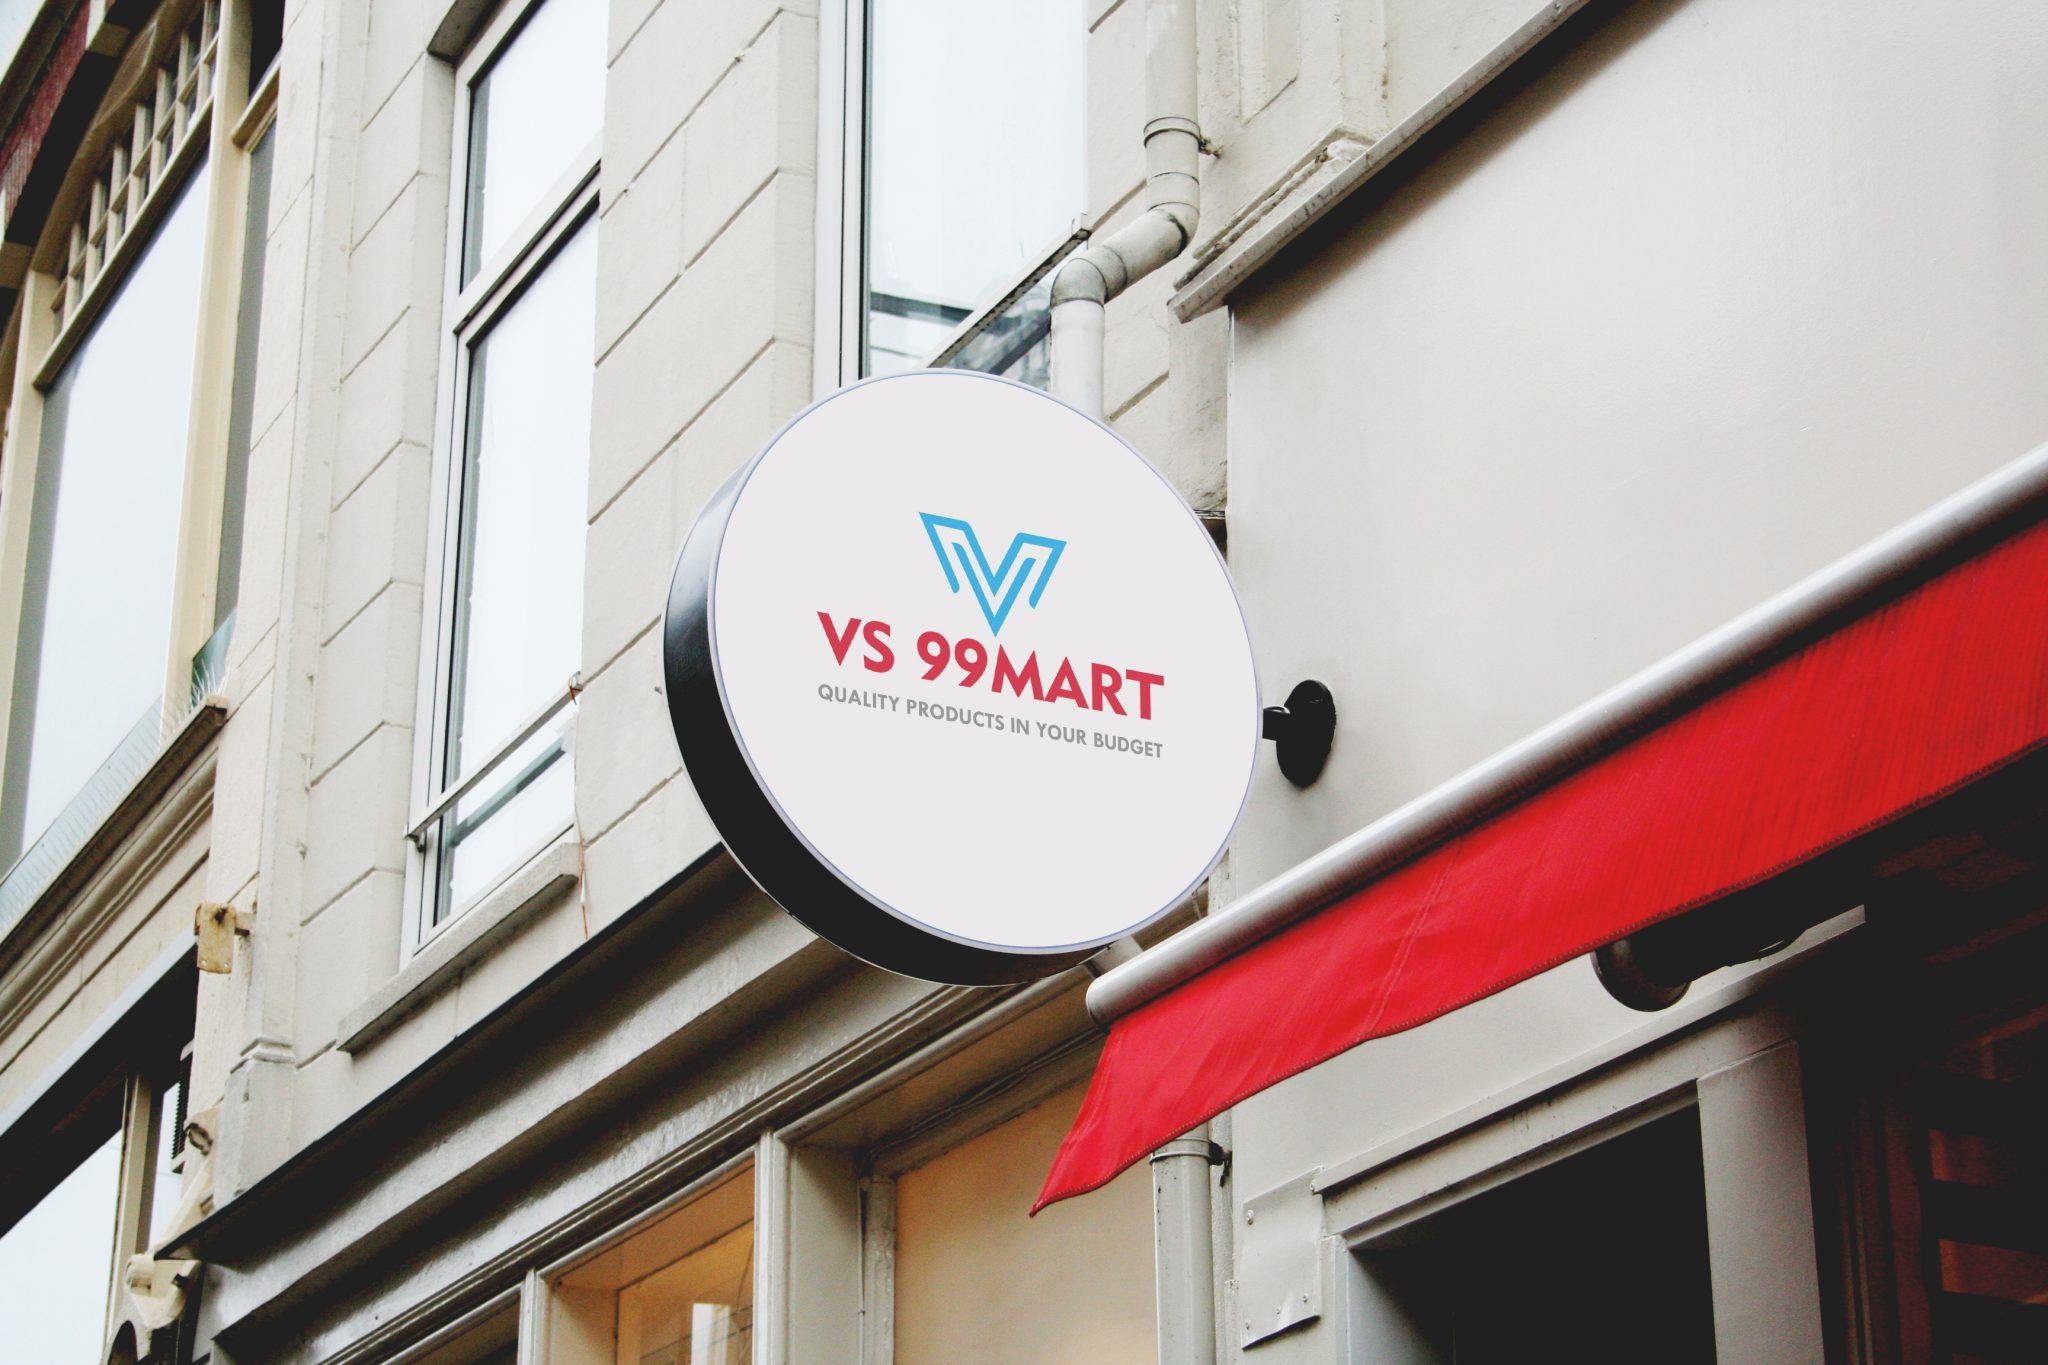 VS99MART